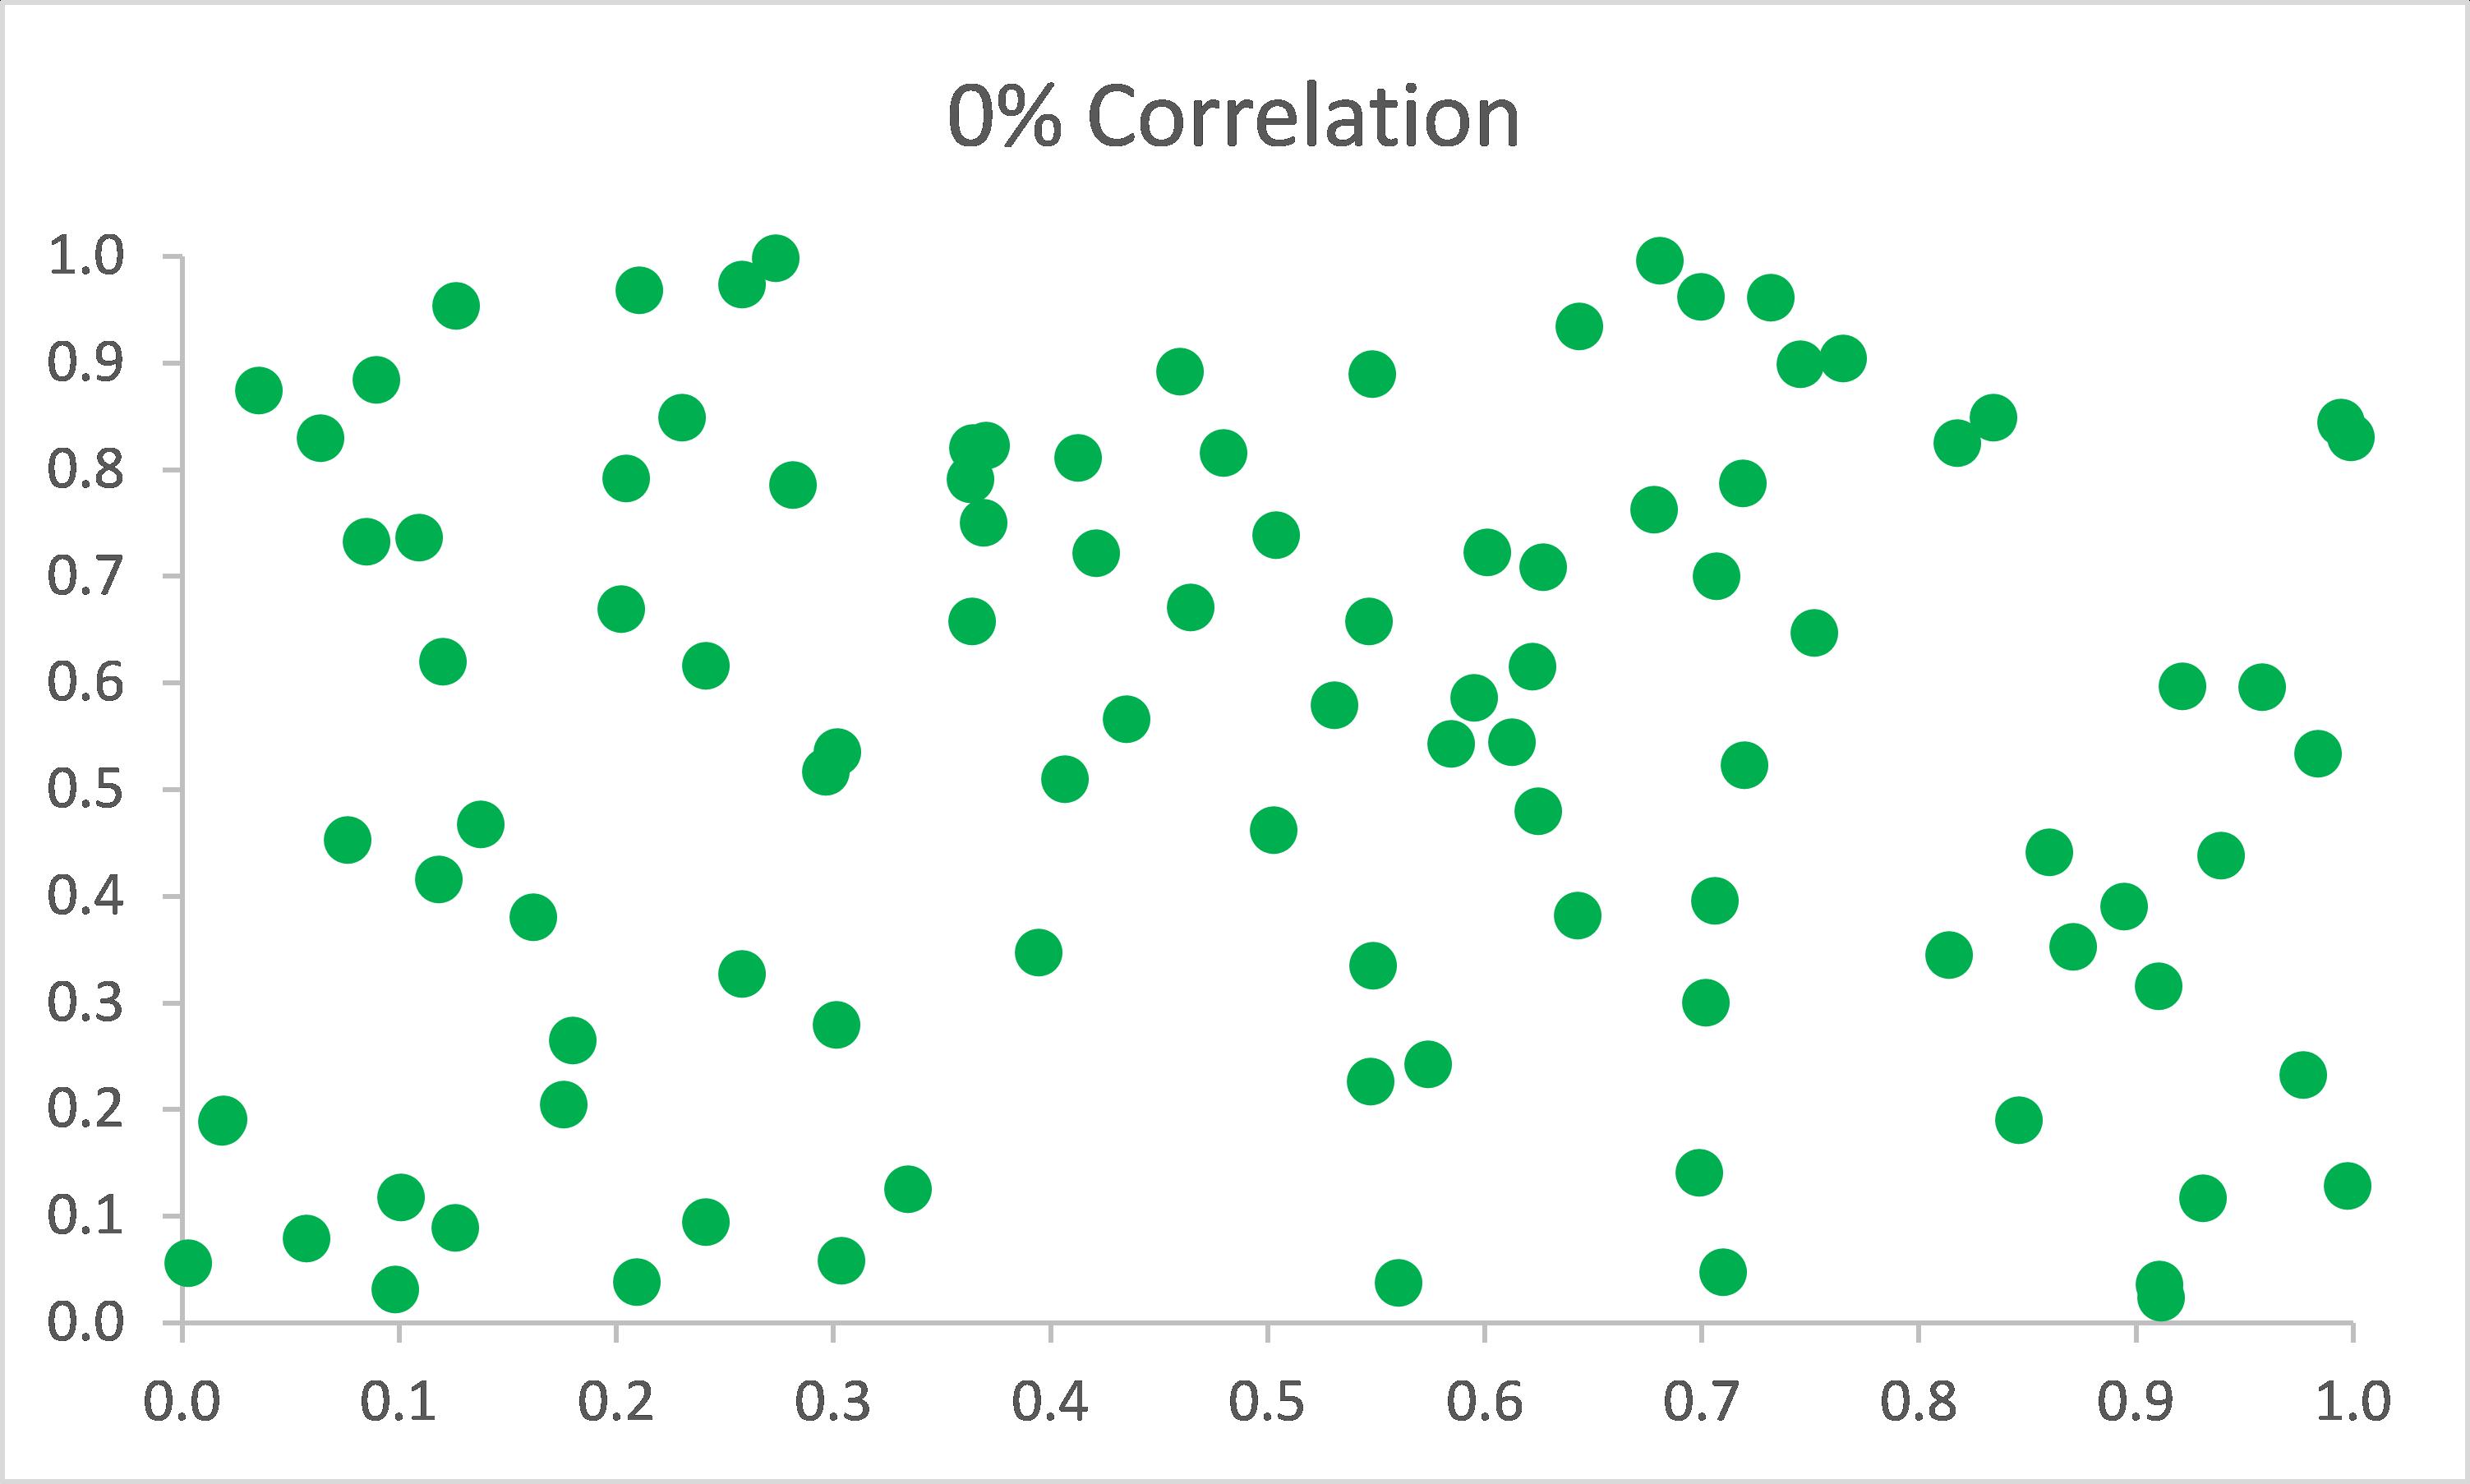 Scatter plot of 0% correlation